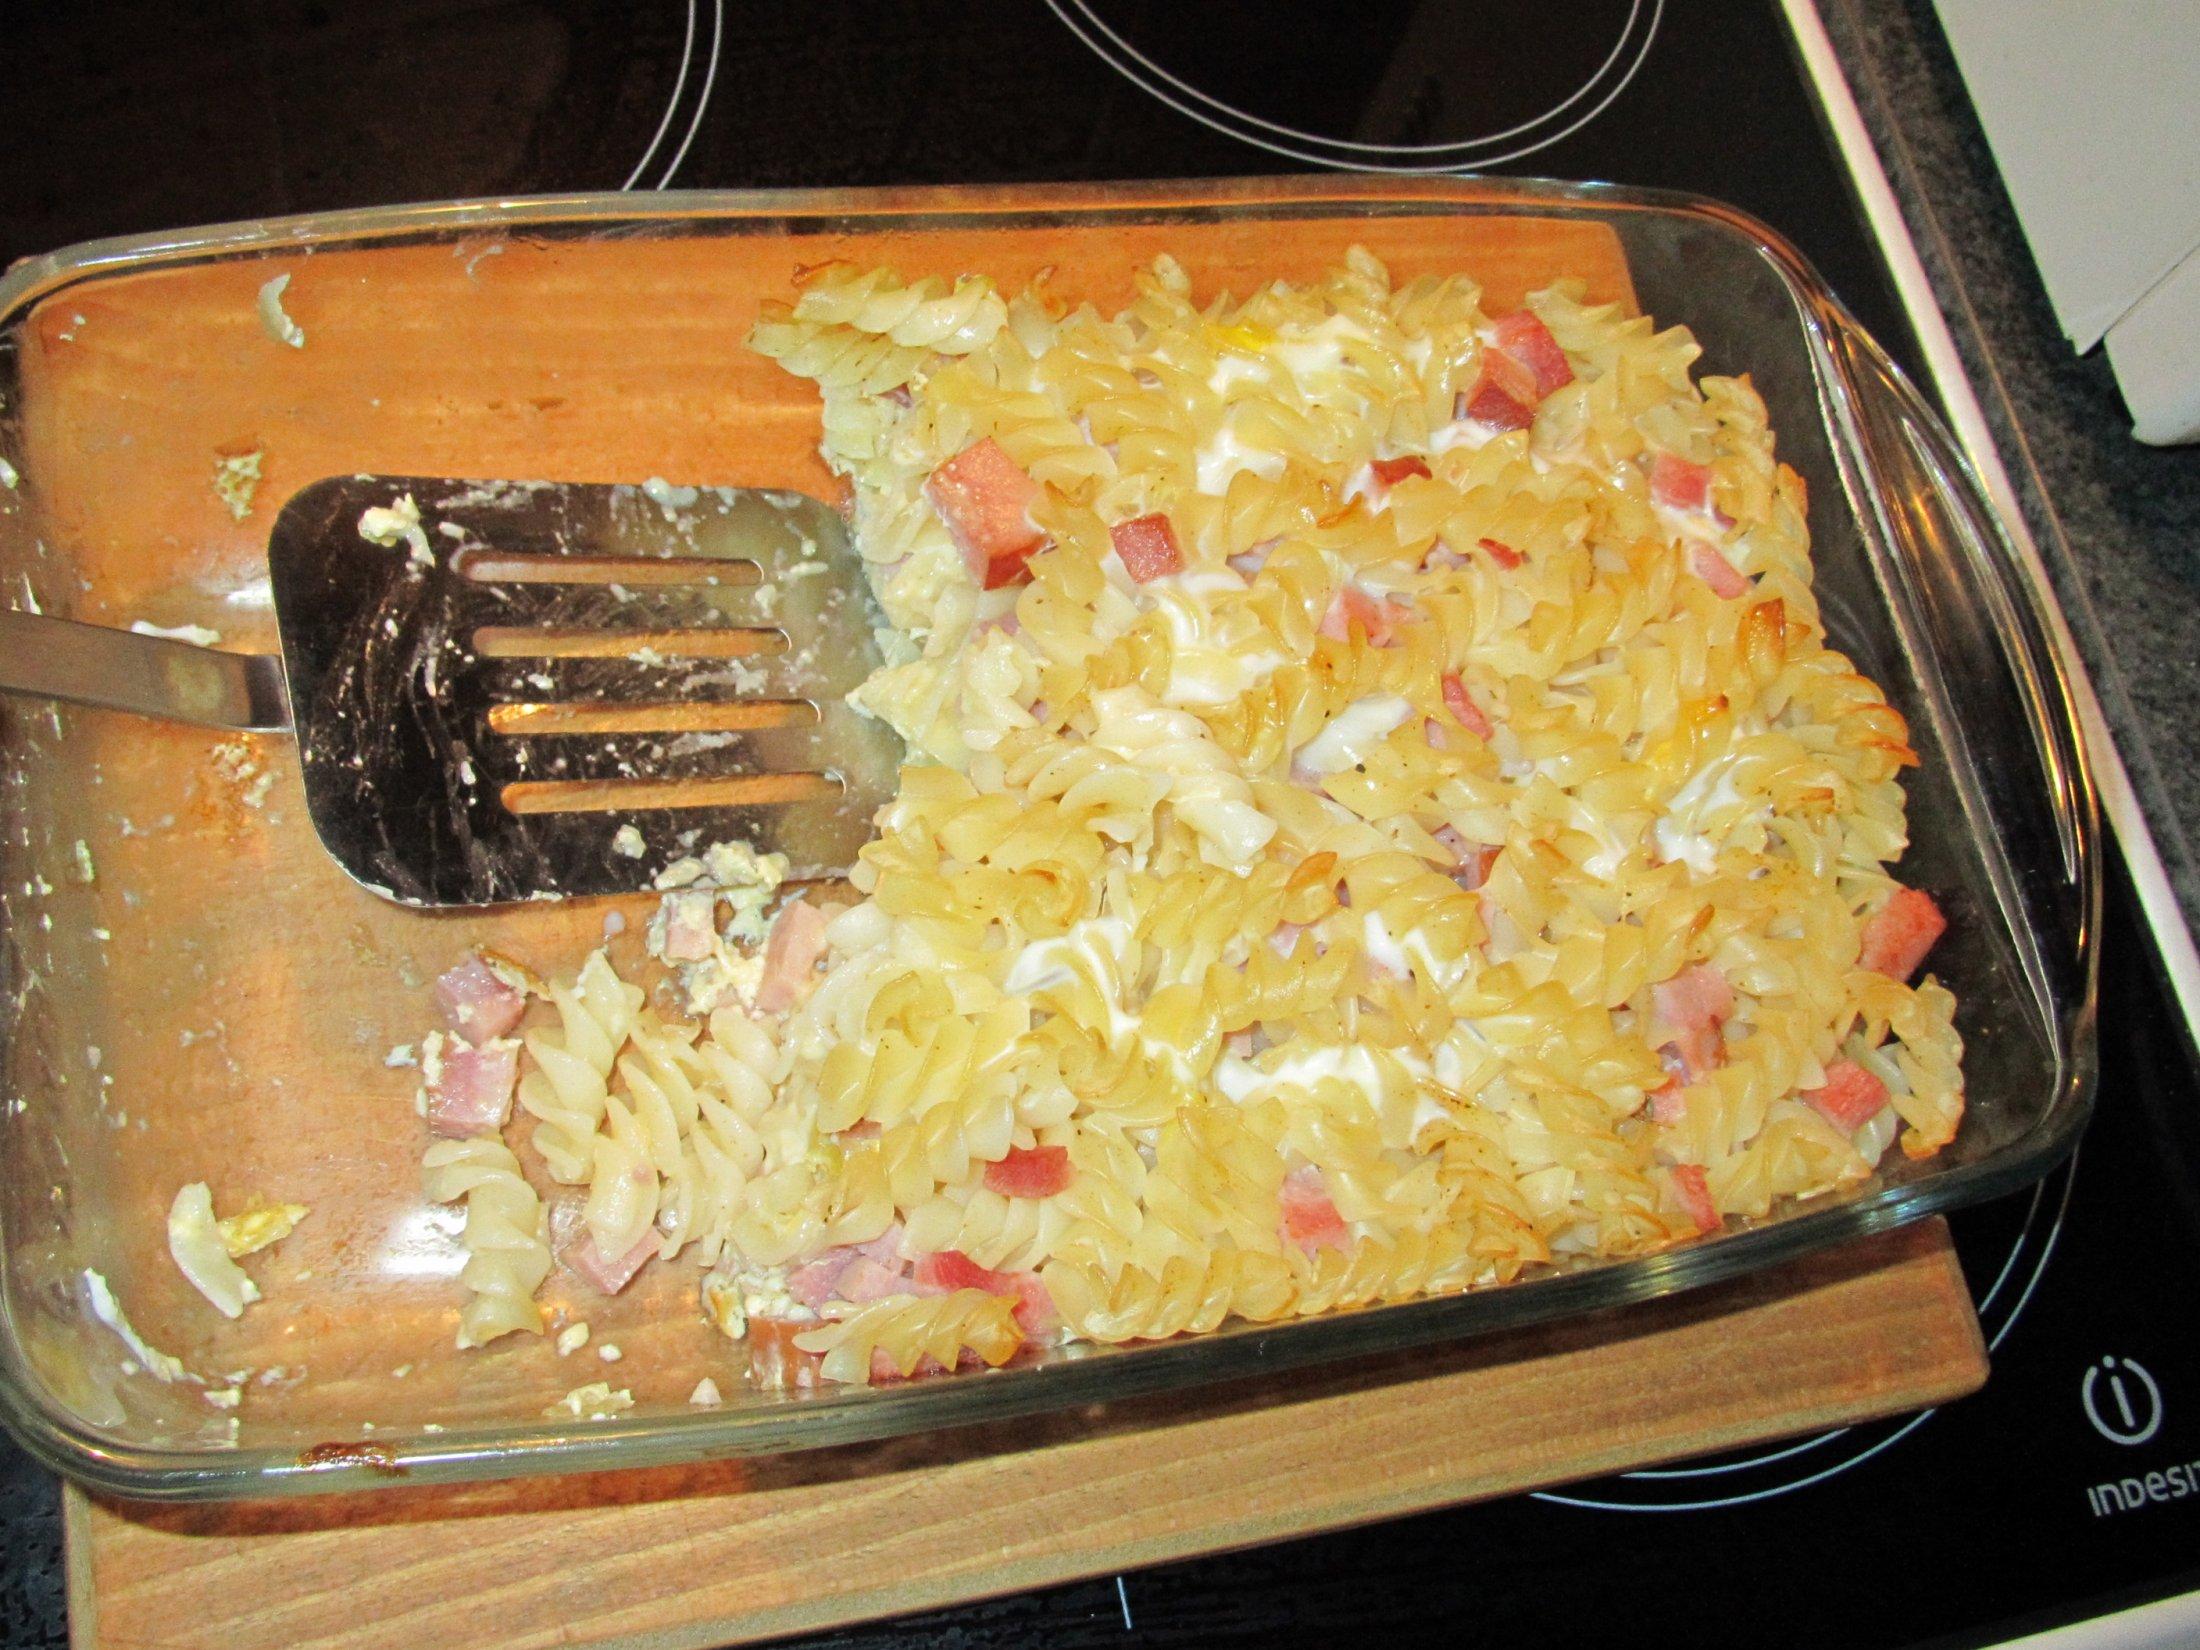 Recept Šunkofleky - Můj dnešní výsledek, děti se po flekách mohli utlouci, Majda si nechala naložit i k večeři :-)